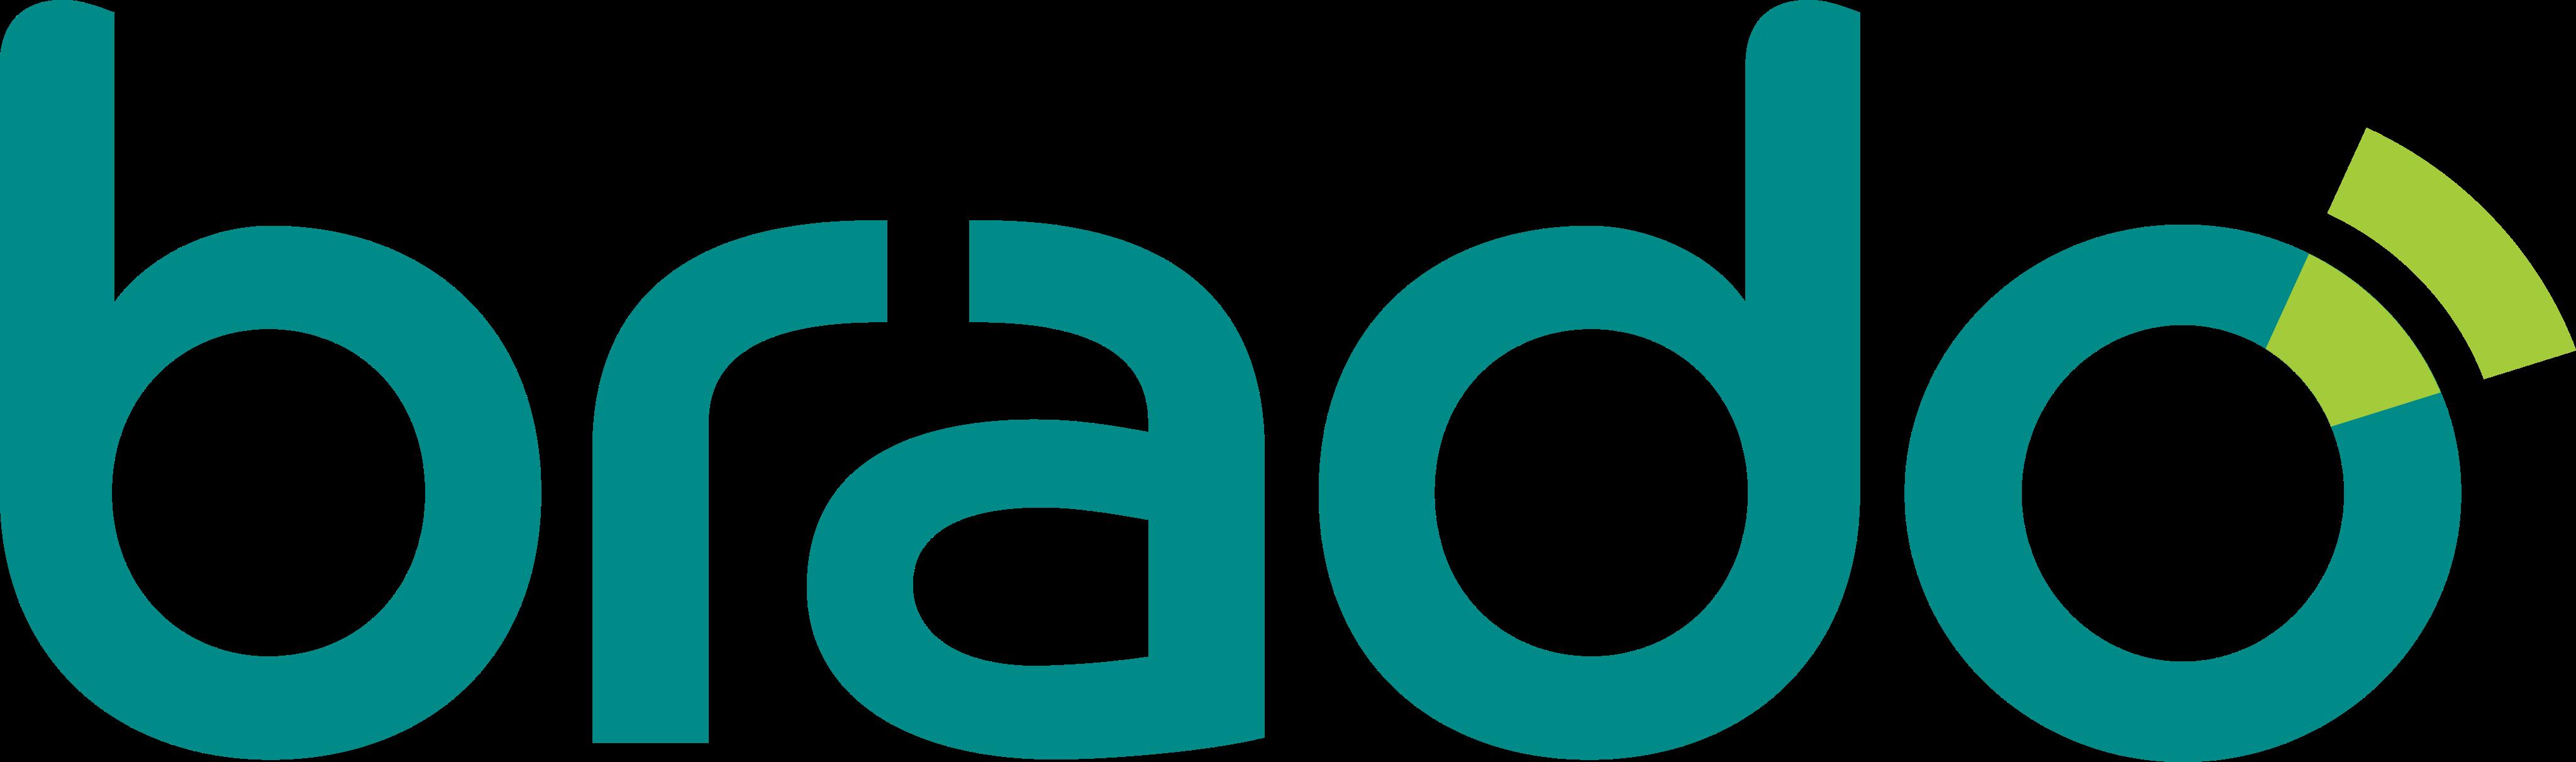 Brado Logística Logo.